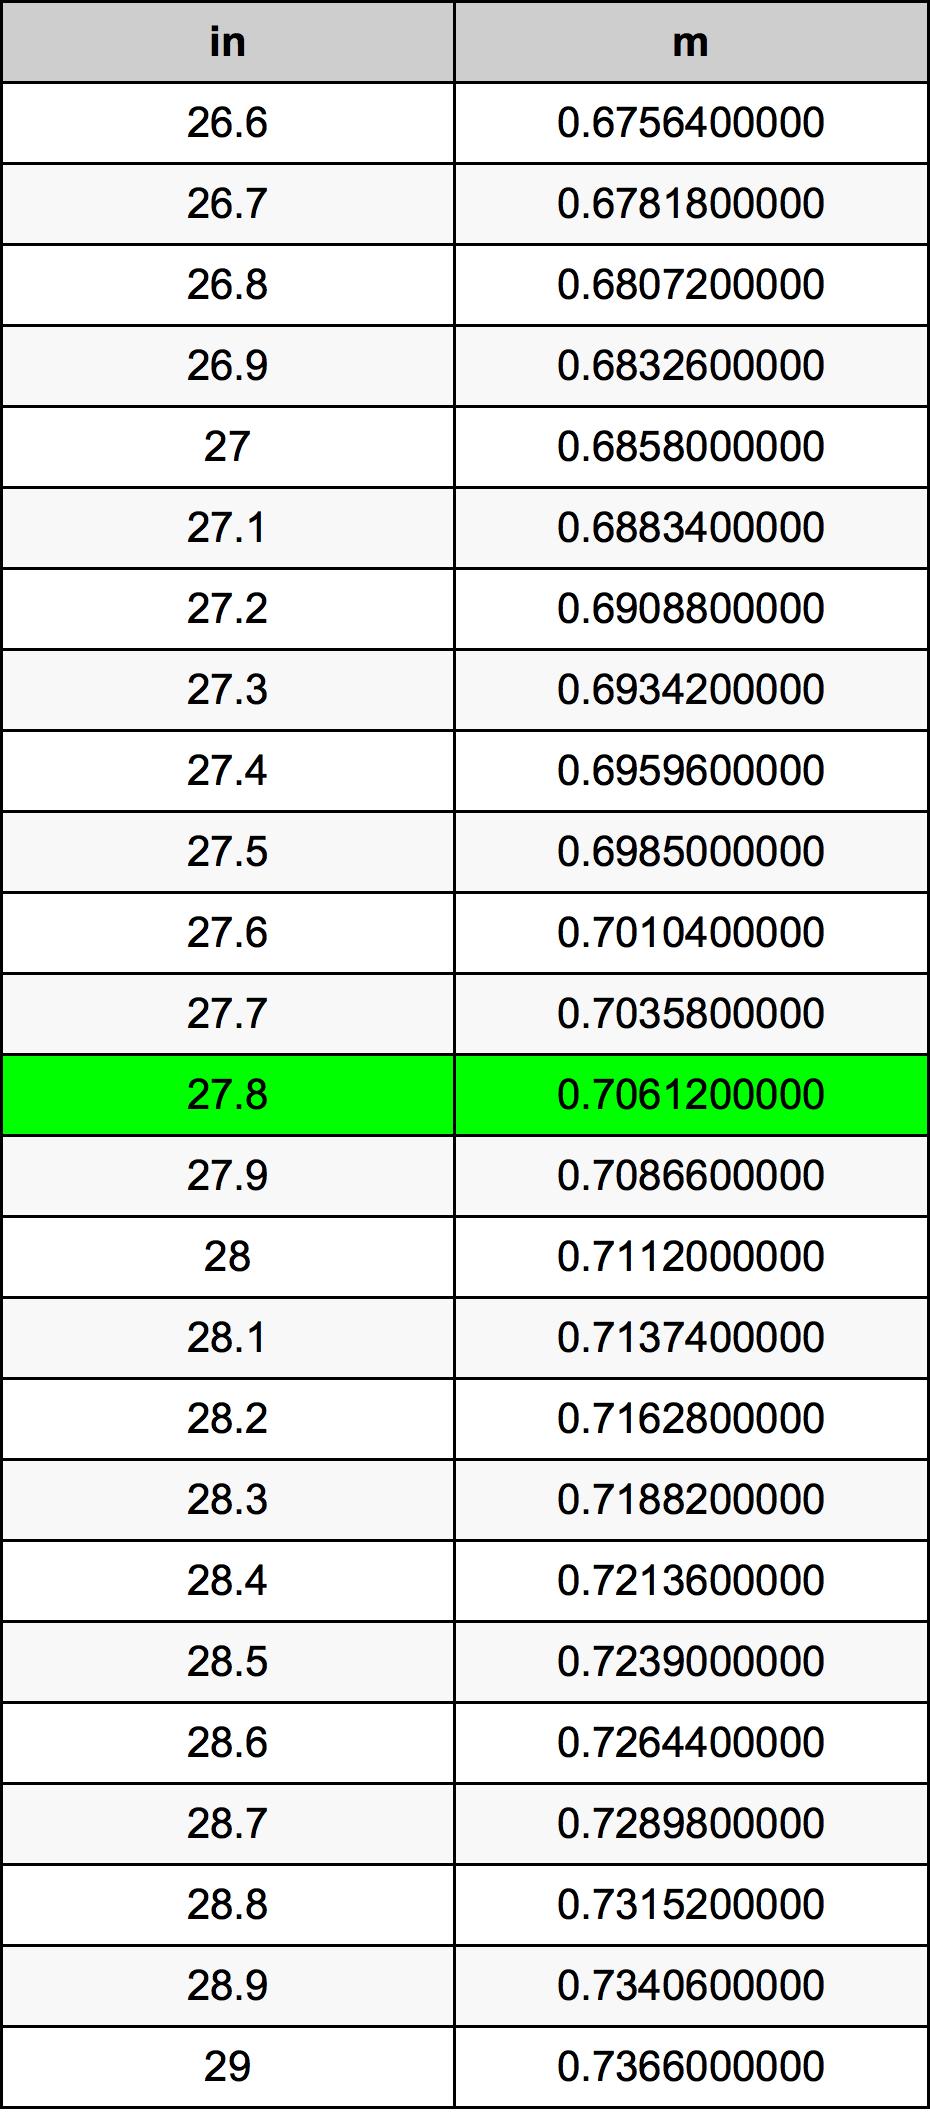 27.8 ίντσα Πίνακας Μετατροπής